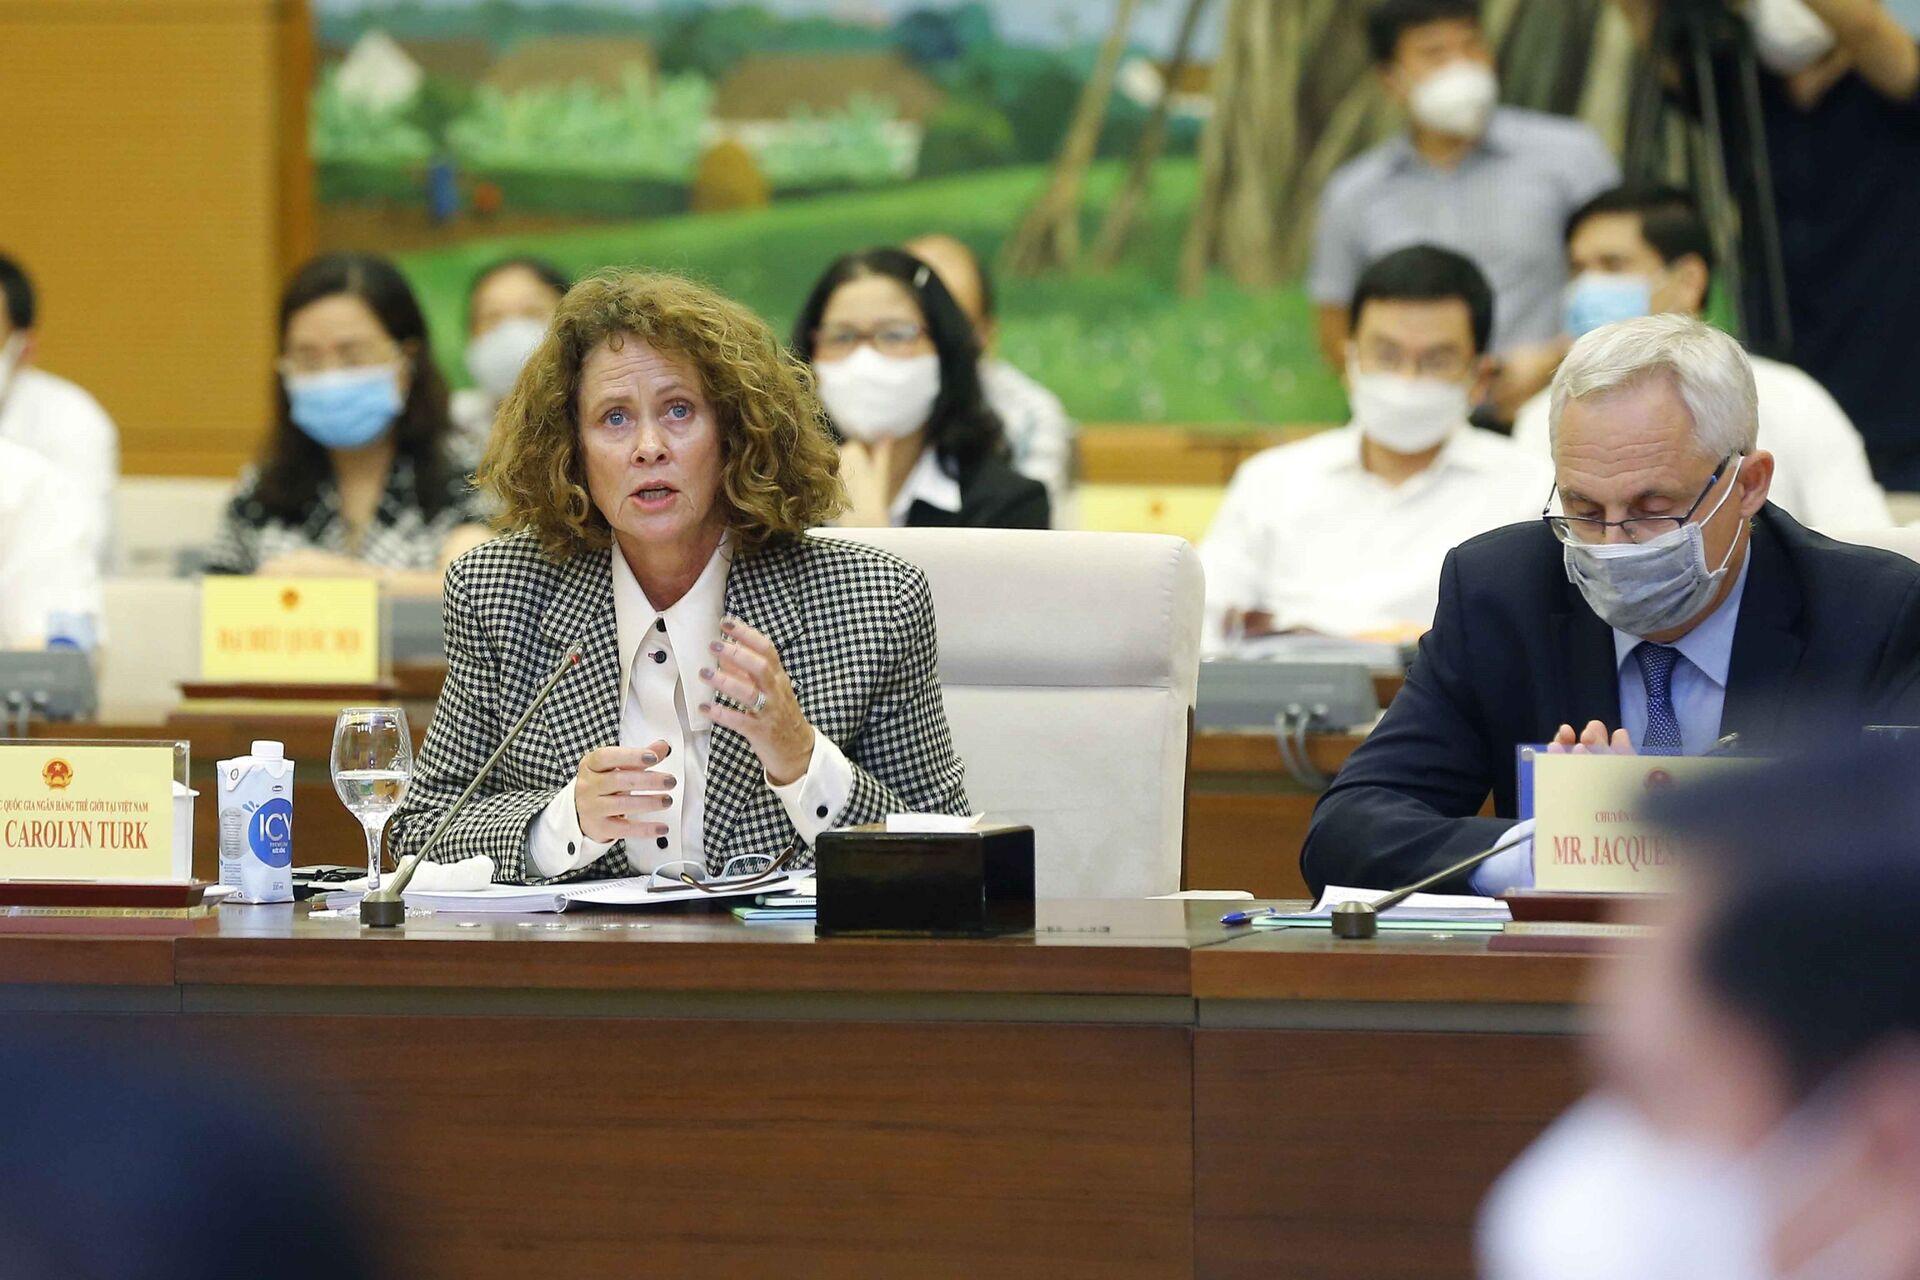 Bà Carolyn Turk, Giám đốc Quốc gia Ngân hàng Thế giới tại Việt Nam phát biểu tham luận. - Sputnik Việt Nam, 1920, 05.10.2021